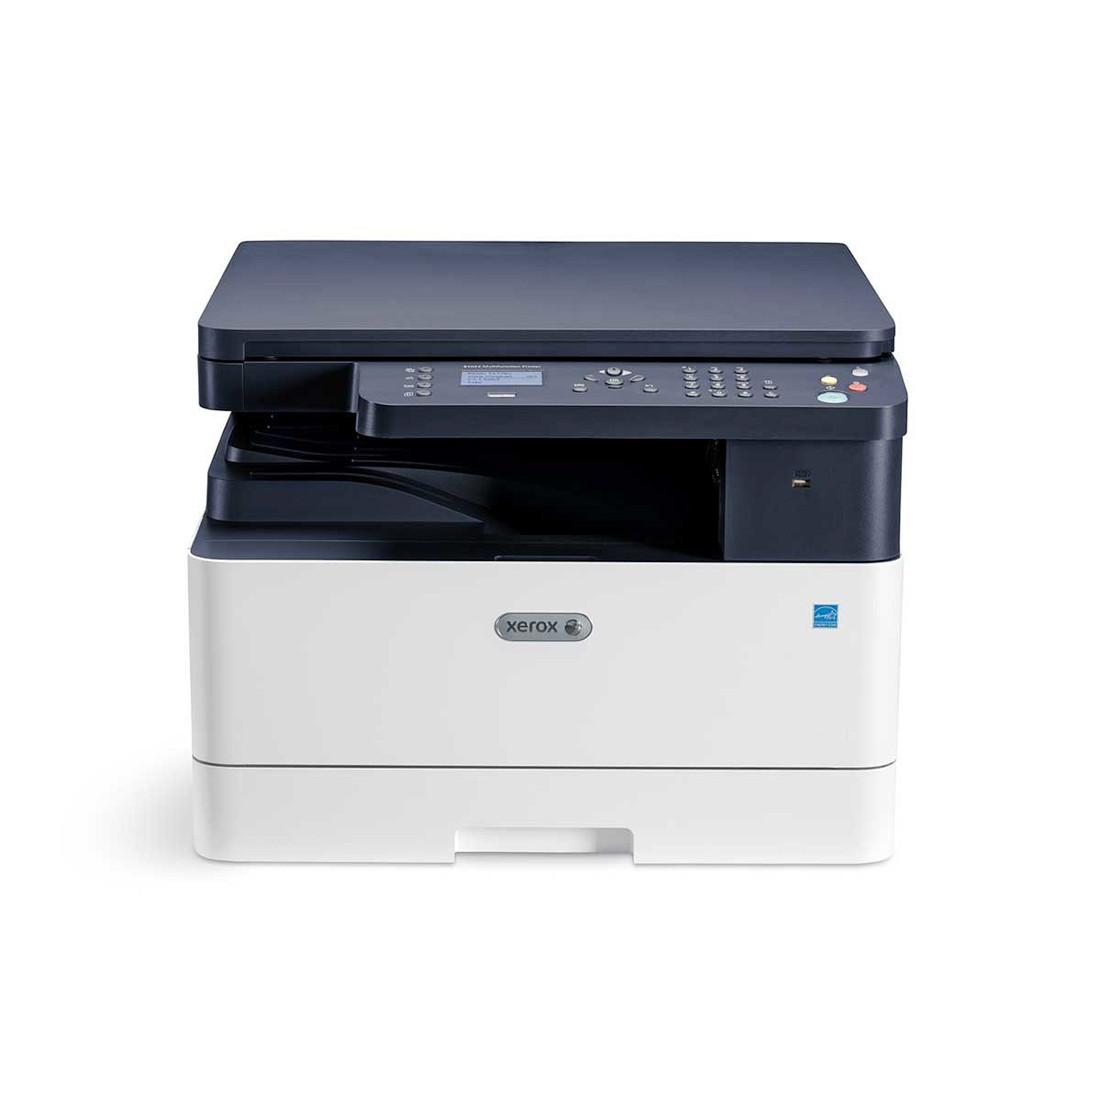 Монохромное МФУ Xerox B1022DN (А3 формат)